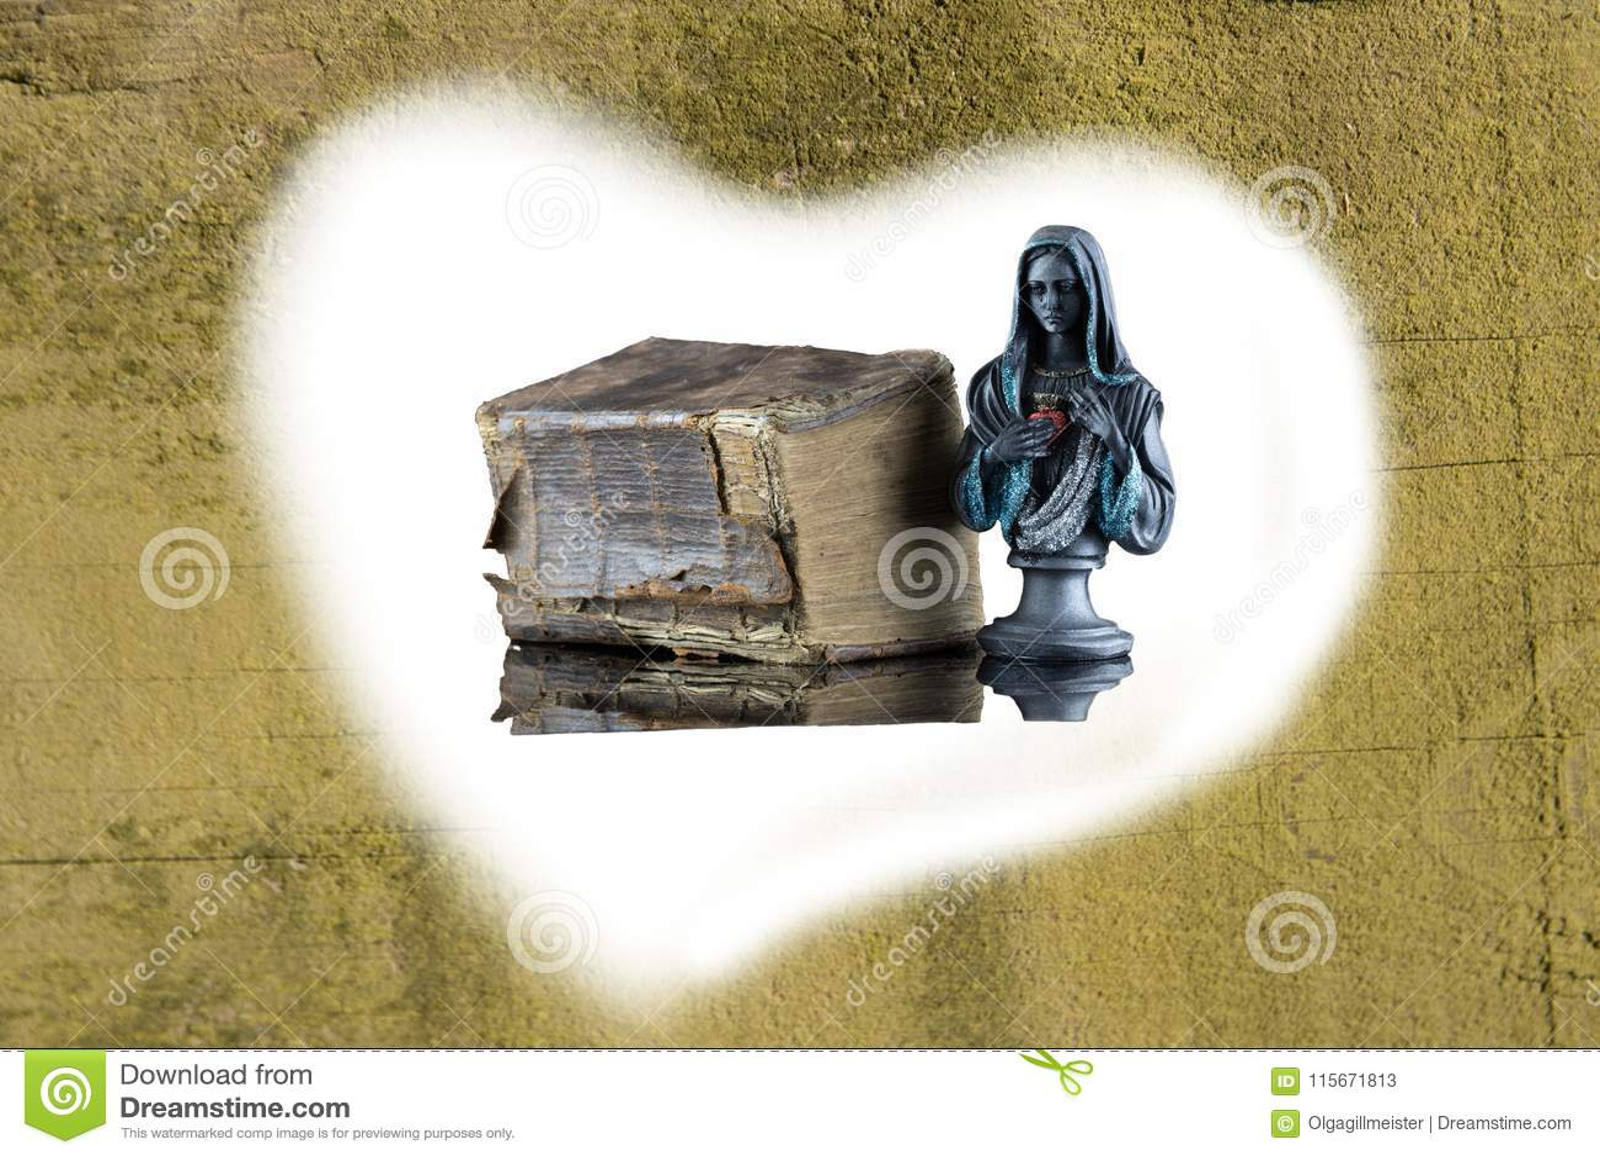 Una Sagrada Biblia histórica y una escultura de Madonna se incluyen cerca